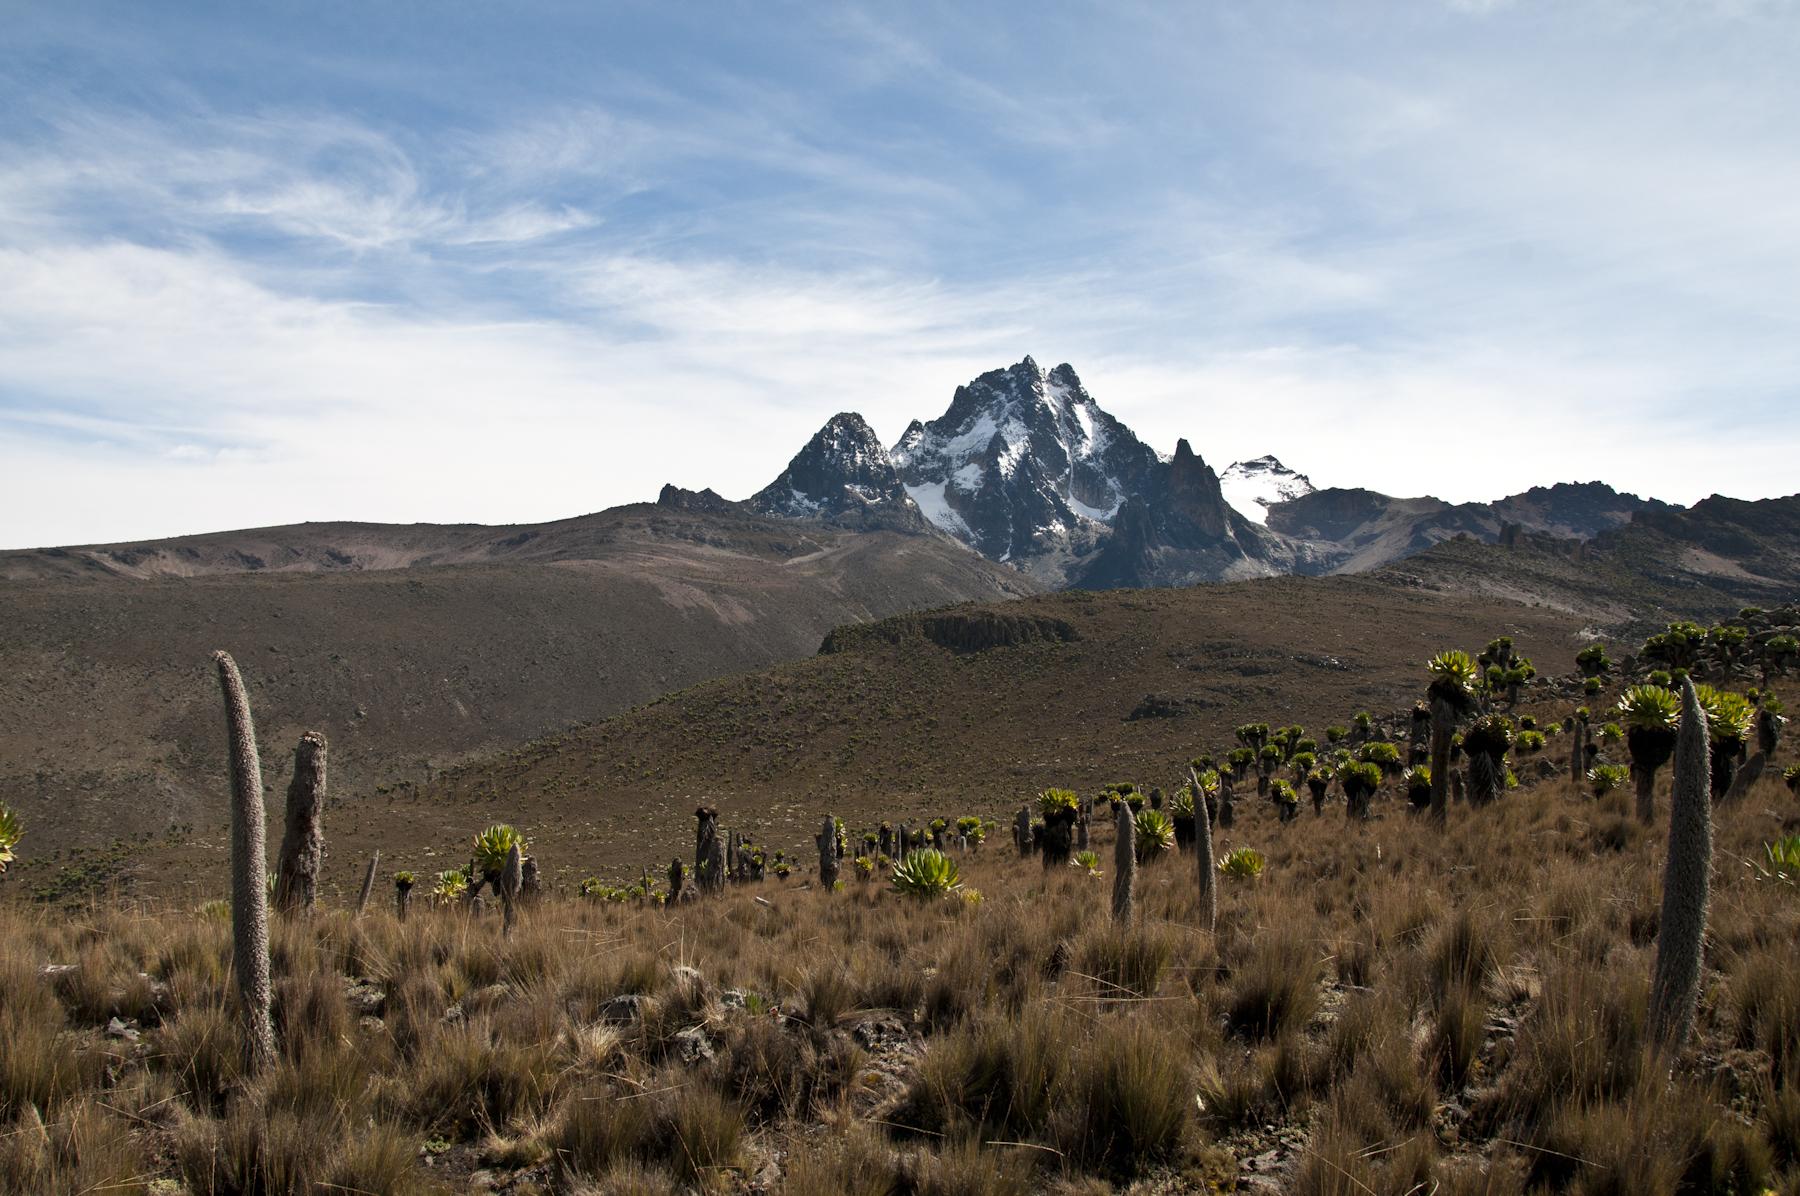 Peaks of Mt Kenya